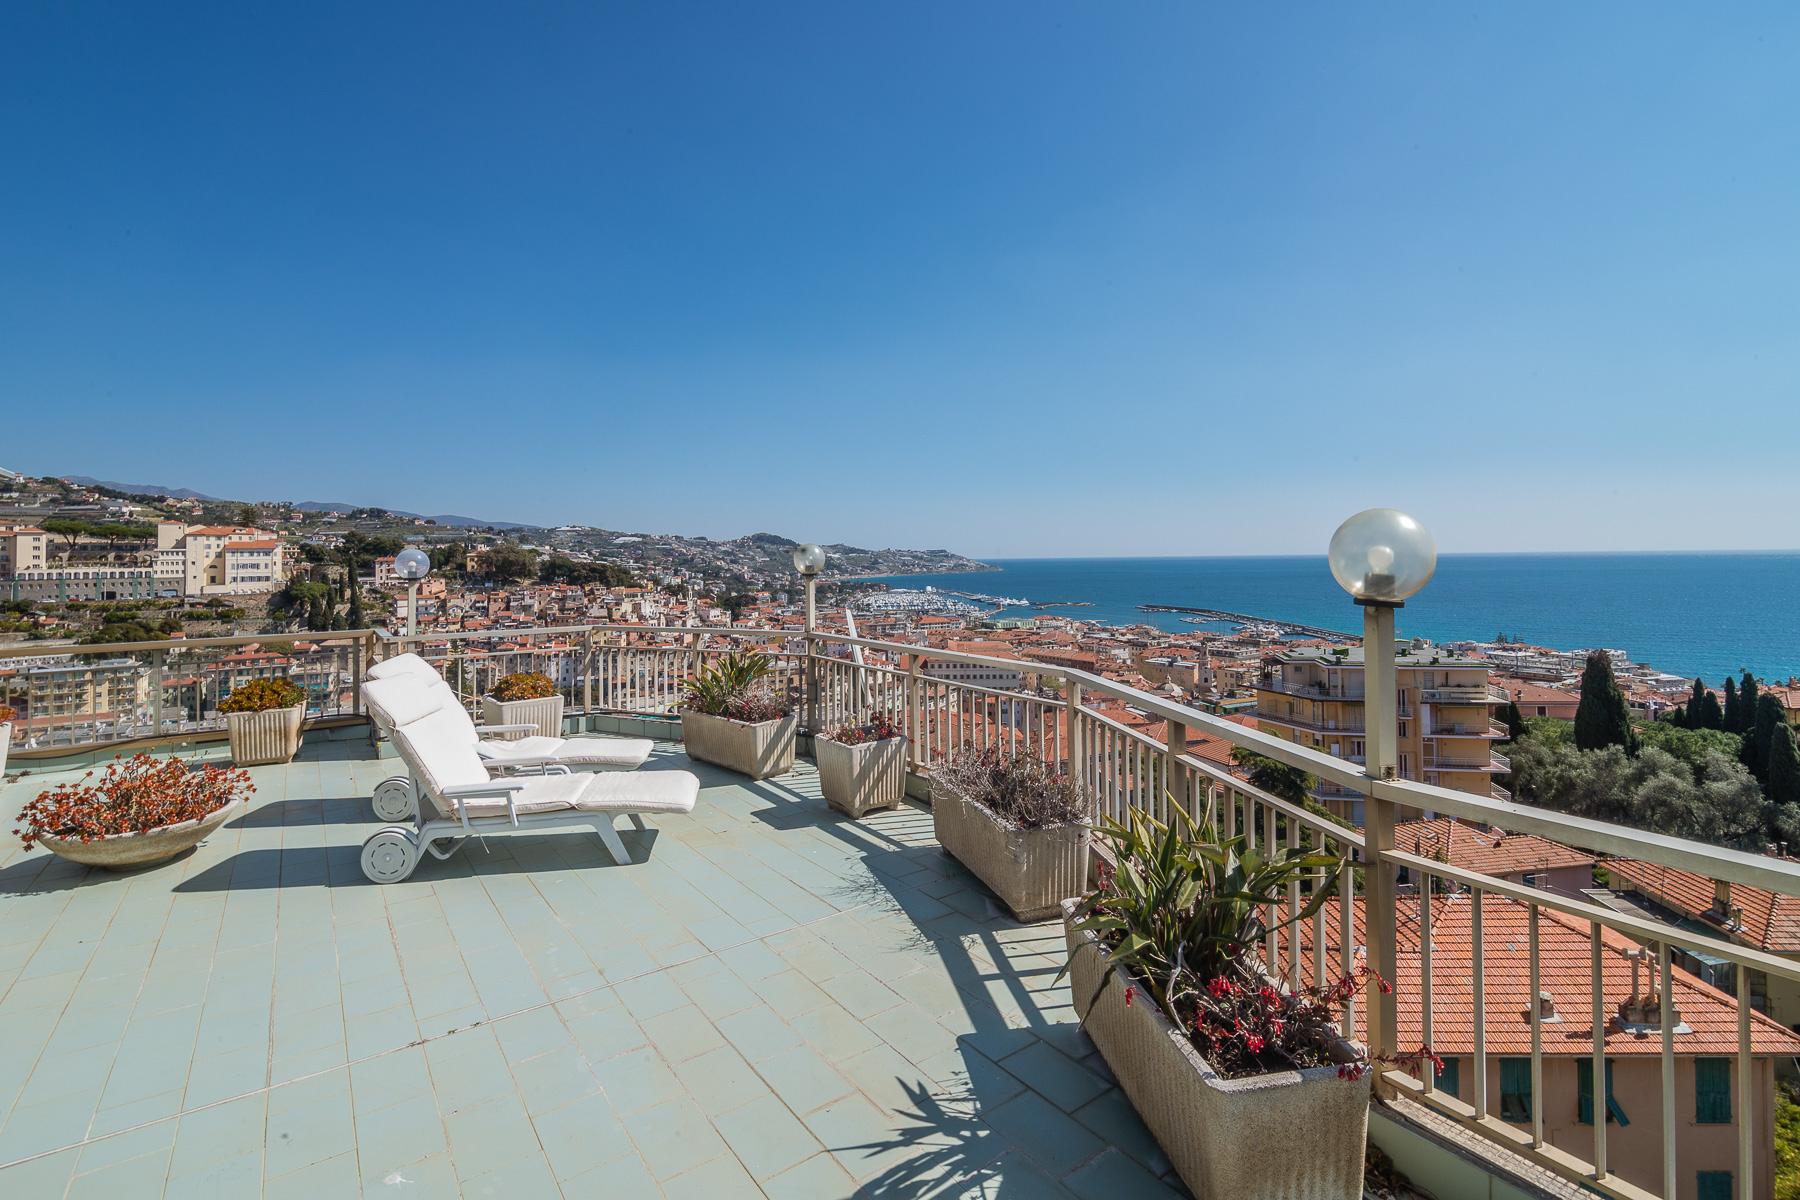 Appartamento in Vendita a Sanremo: 4 locali, 120 mq - Foto 2